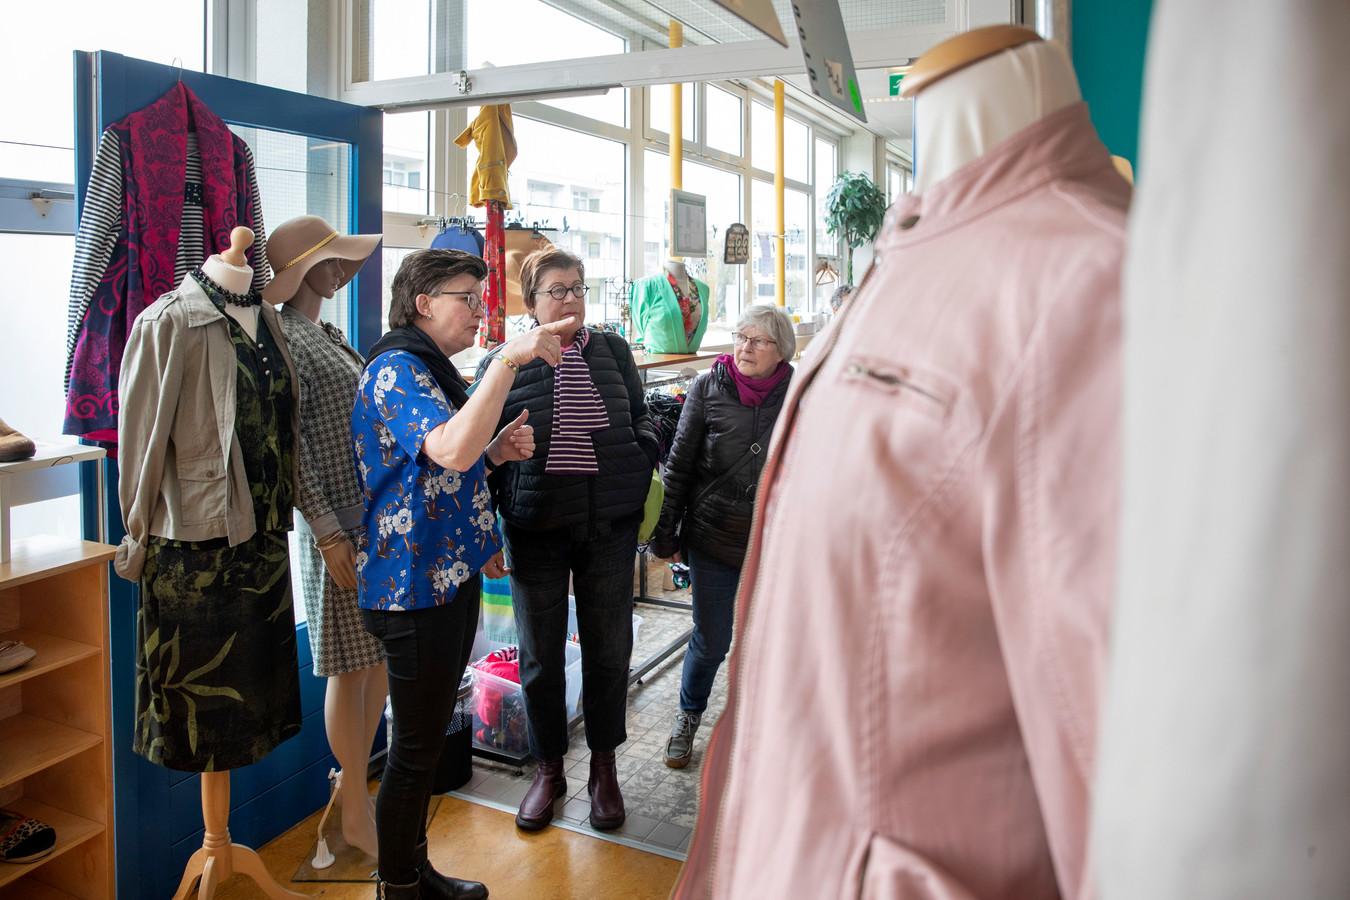 Op de Open Ochtend bij de Kledingbank Veenendaal krijgen belangstellenden een rondleiding.